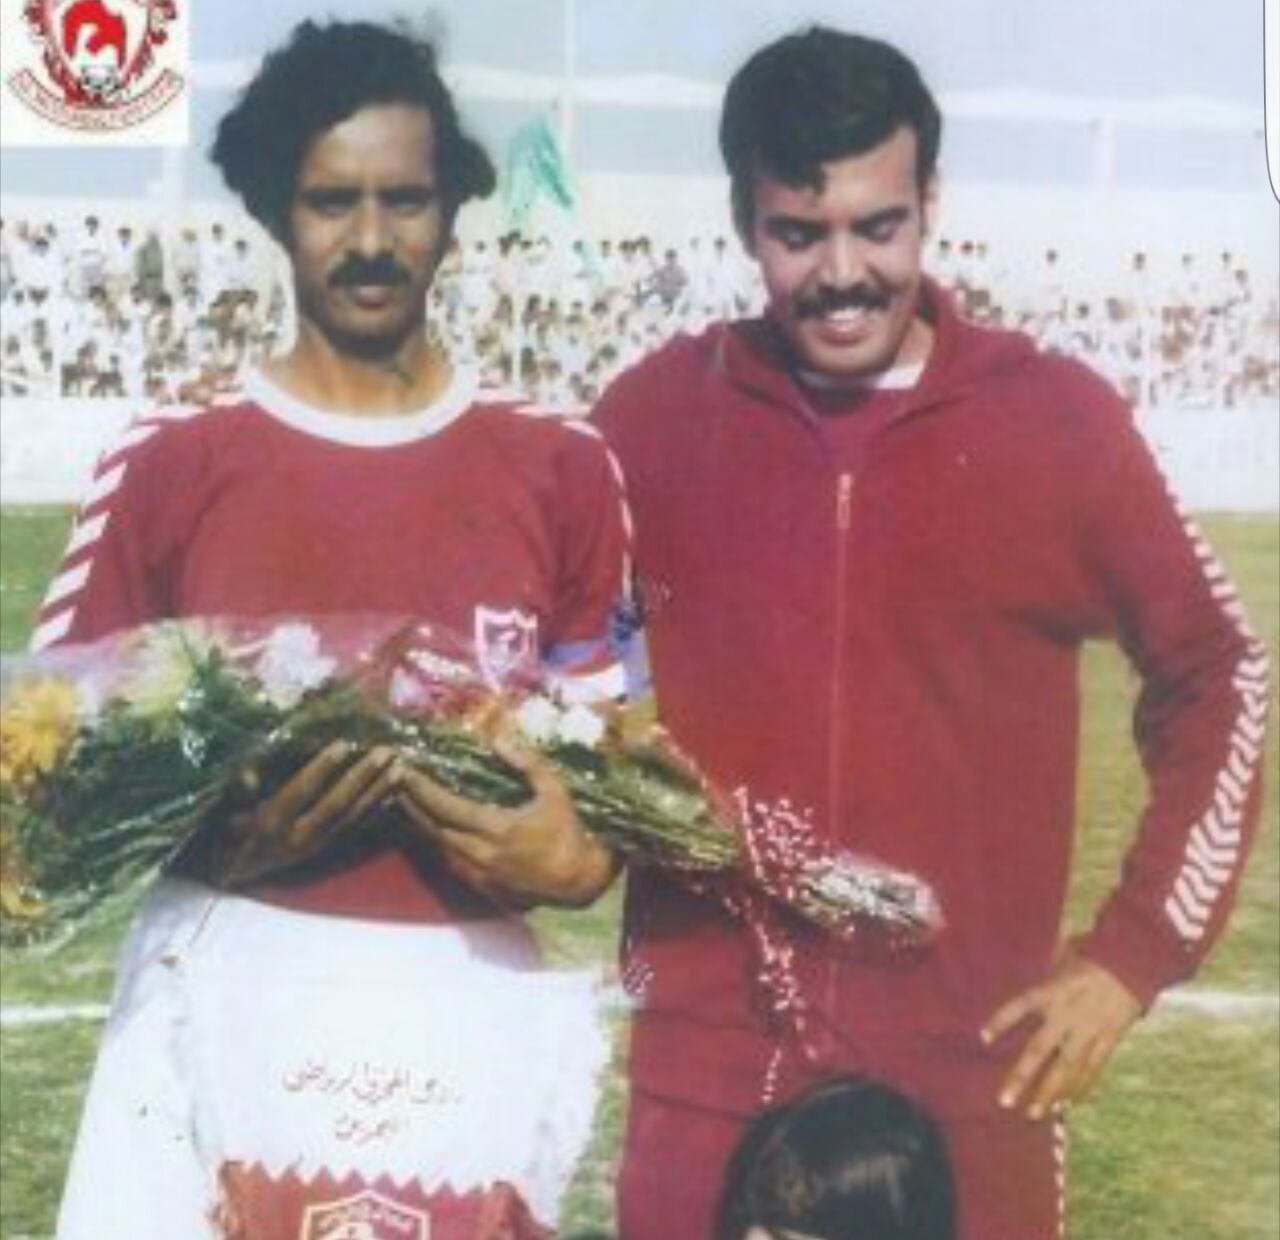 المرحوم خليفة بن سلمان في اعتزال النجم أحمد سالمين سنة 77